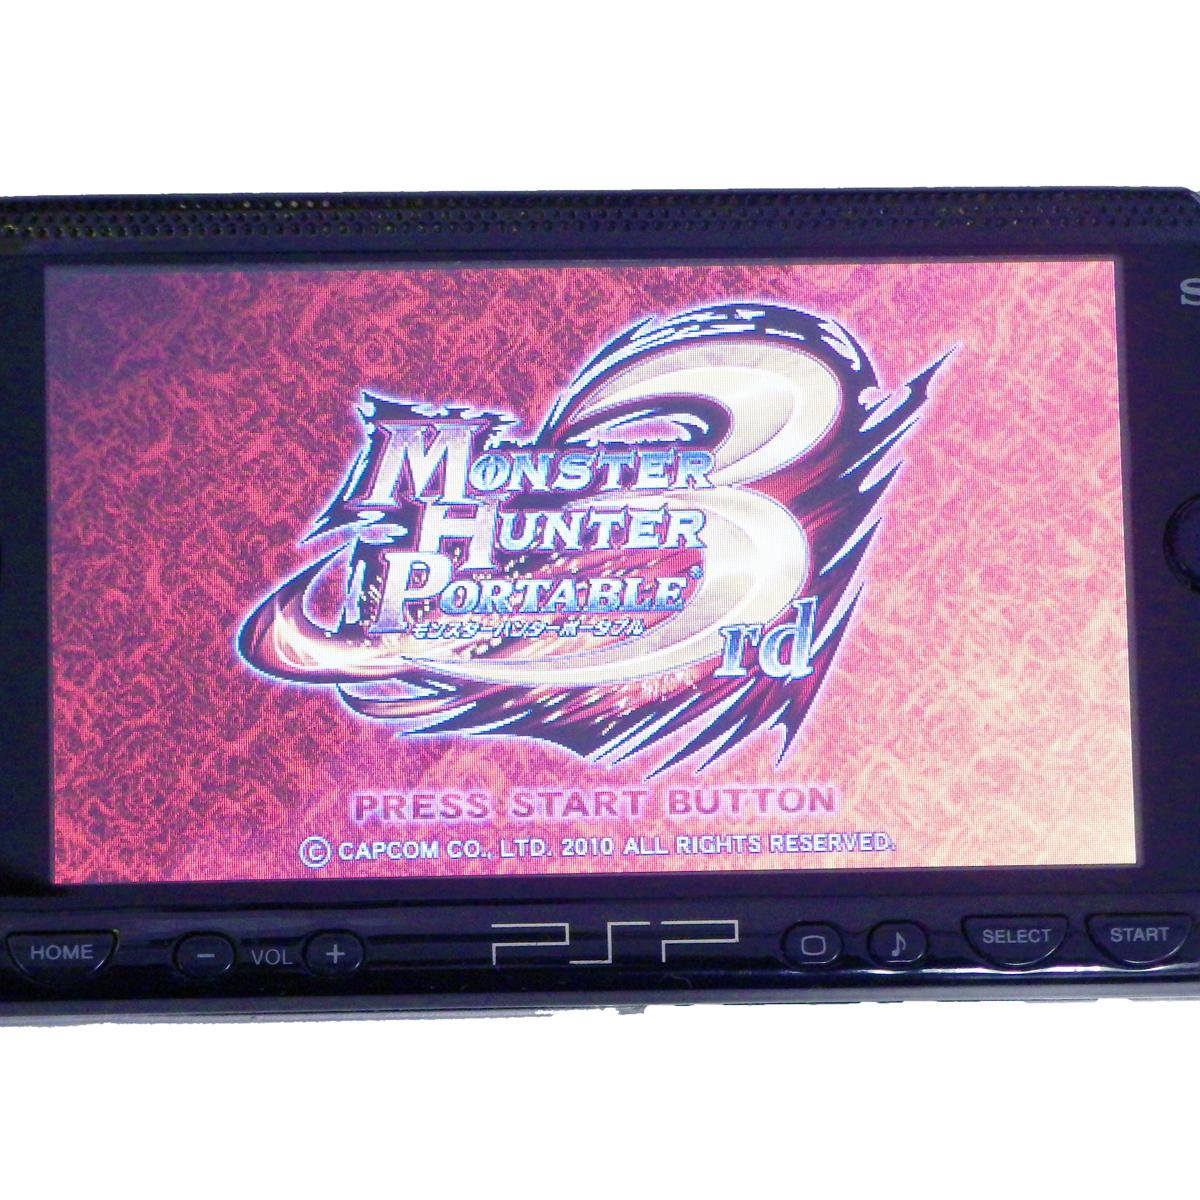 送料込! PSP-1000 本体のみ + ソフト1枚 動作確認済 _画像2